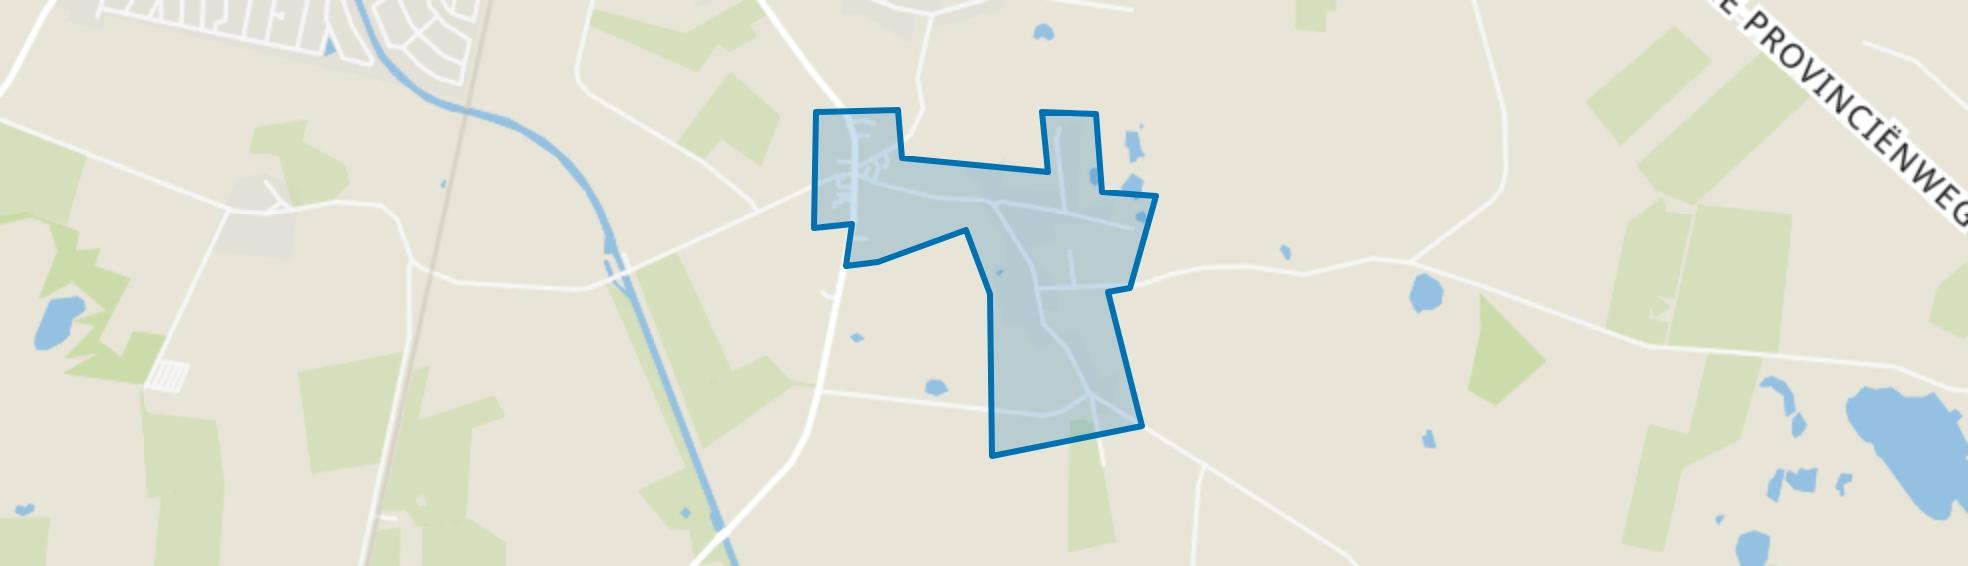 Holthe, Beilen map